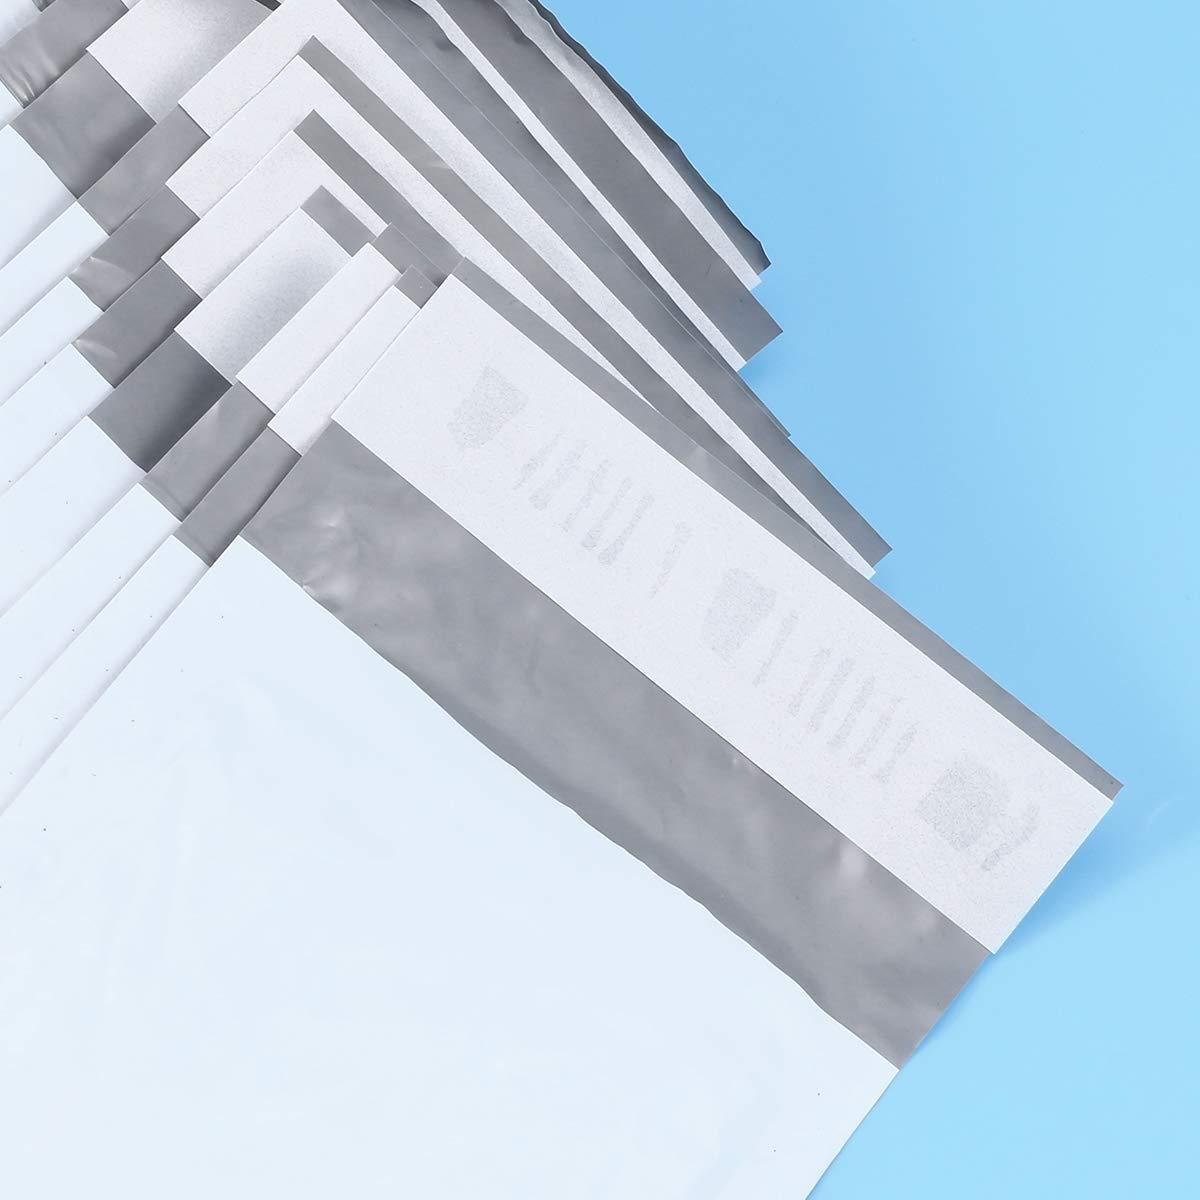 50pcs NUOBESTY Poly enveloppes /à bulles envelopp/ées rembourr/ées auto-scellant des sacs dexp/édition dexp/édition pour lenvoi lemballage